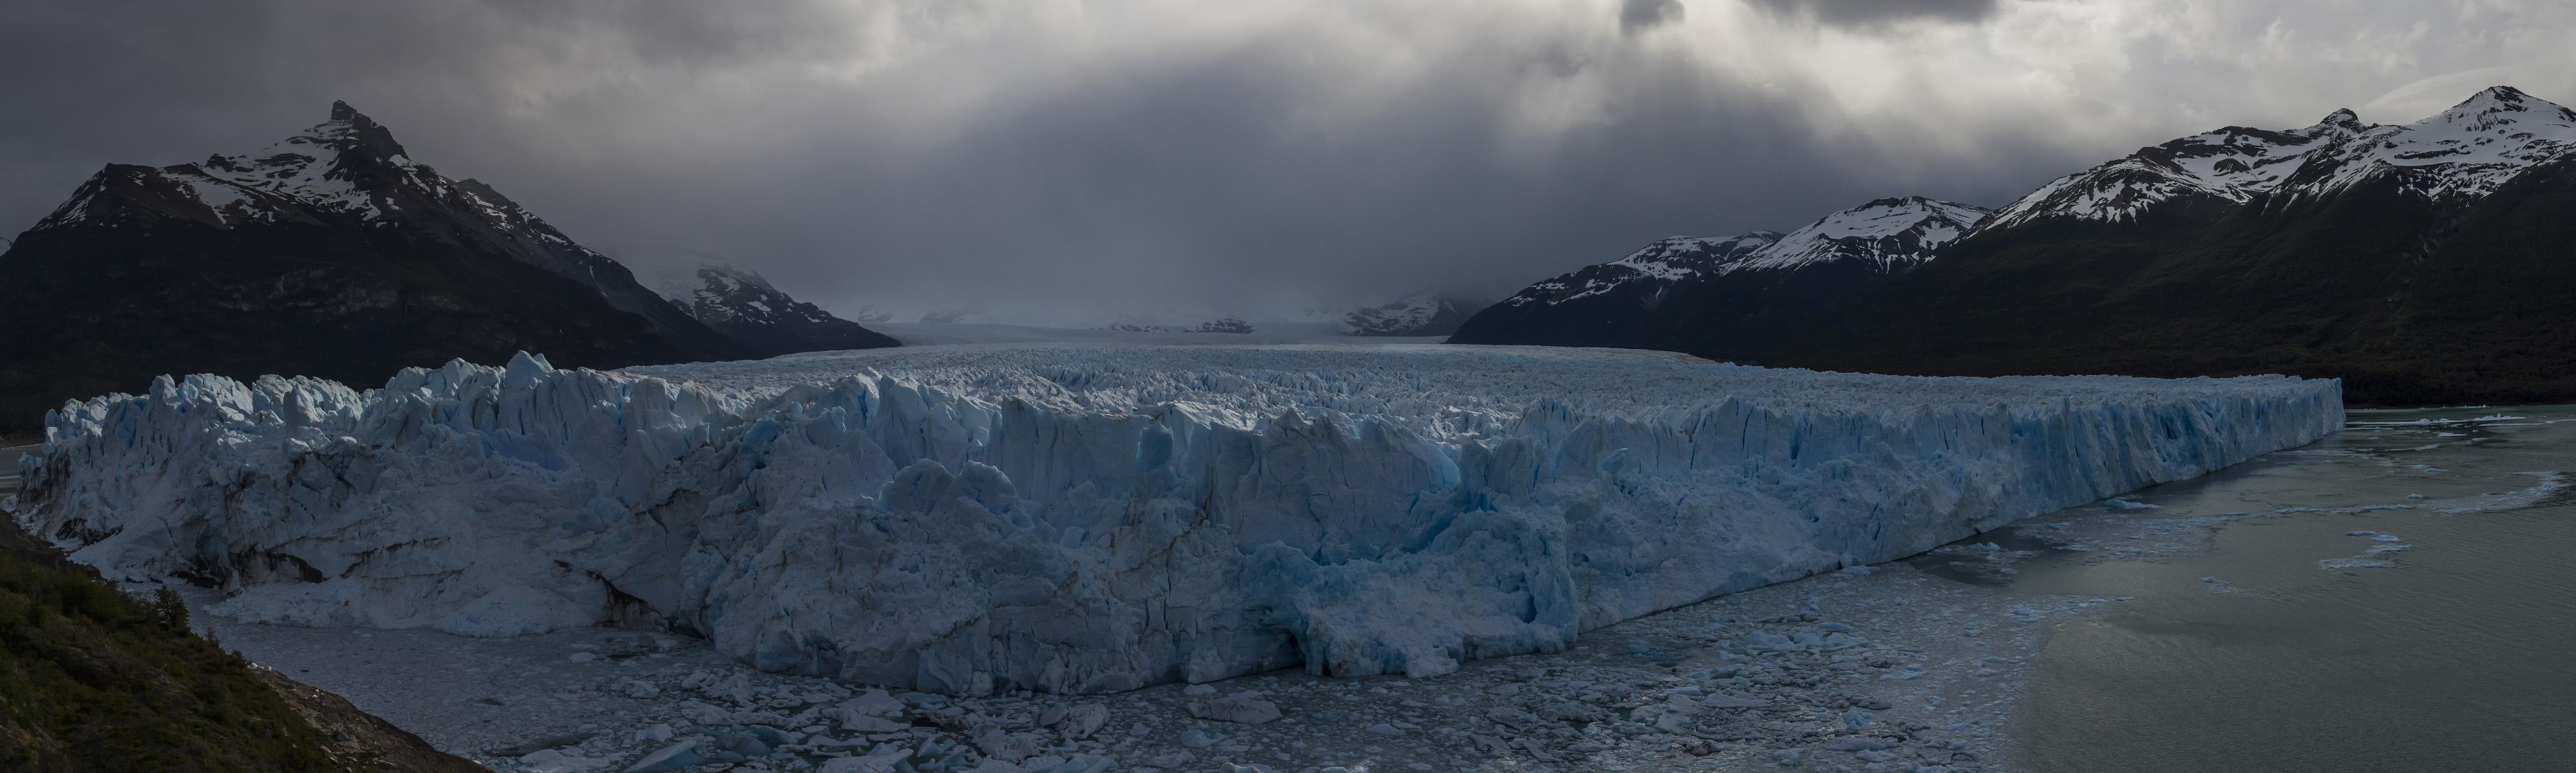 Slider Perito Moreno